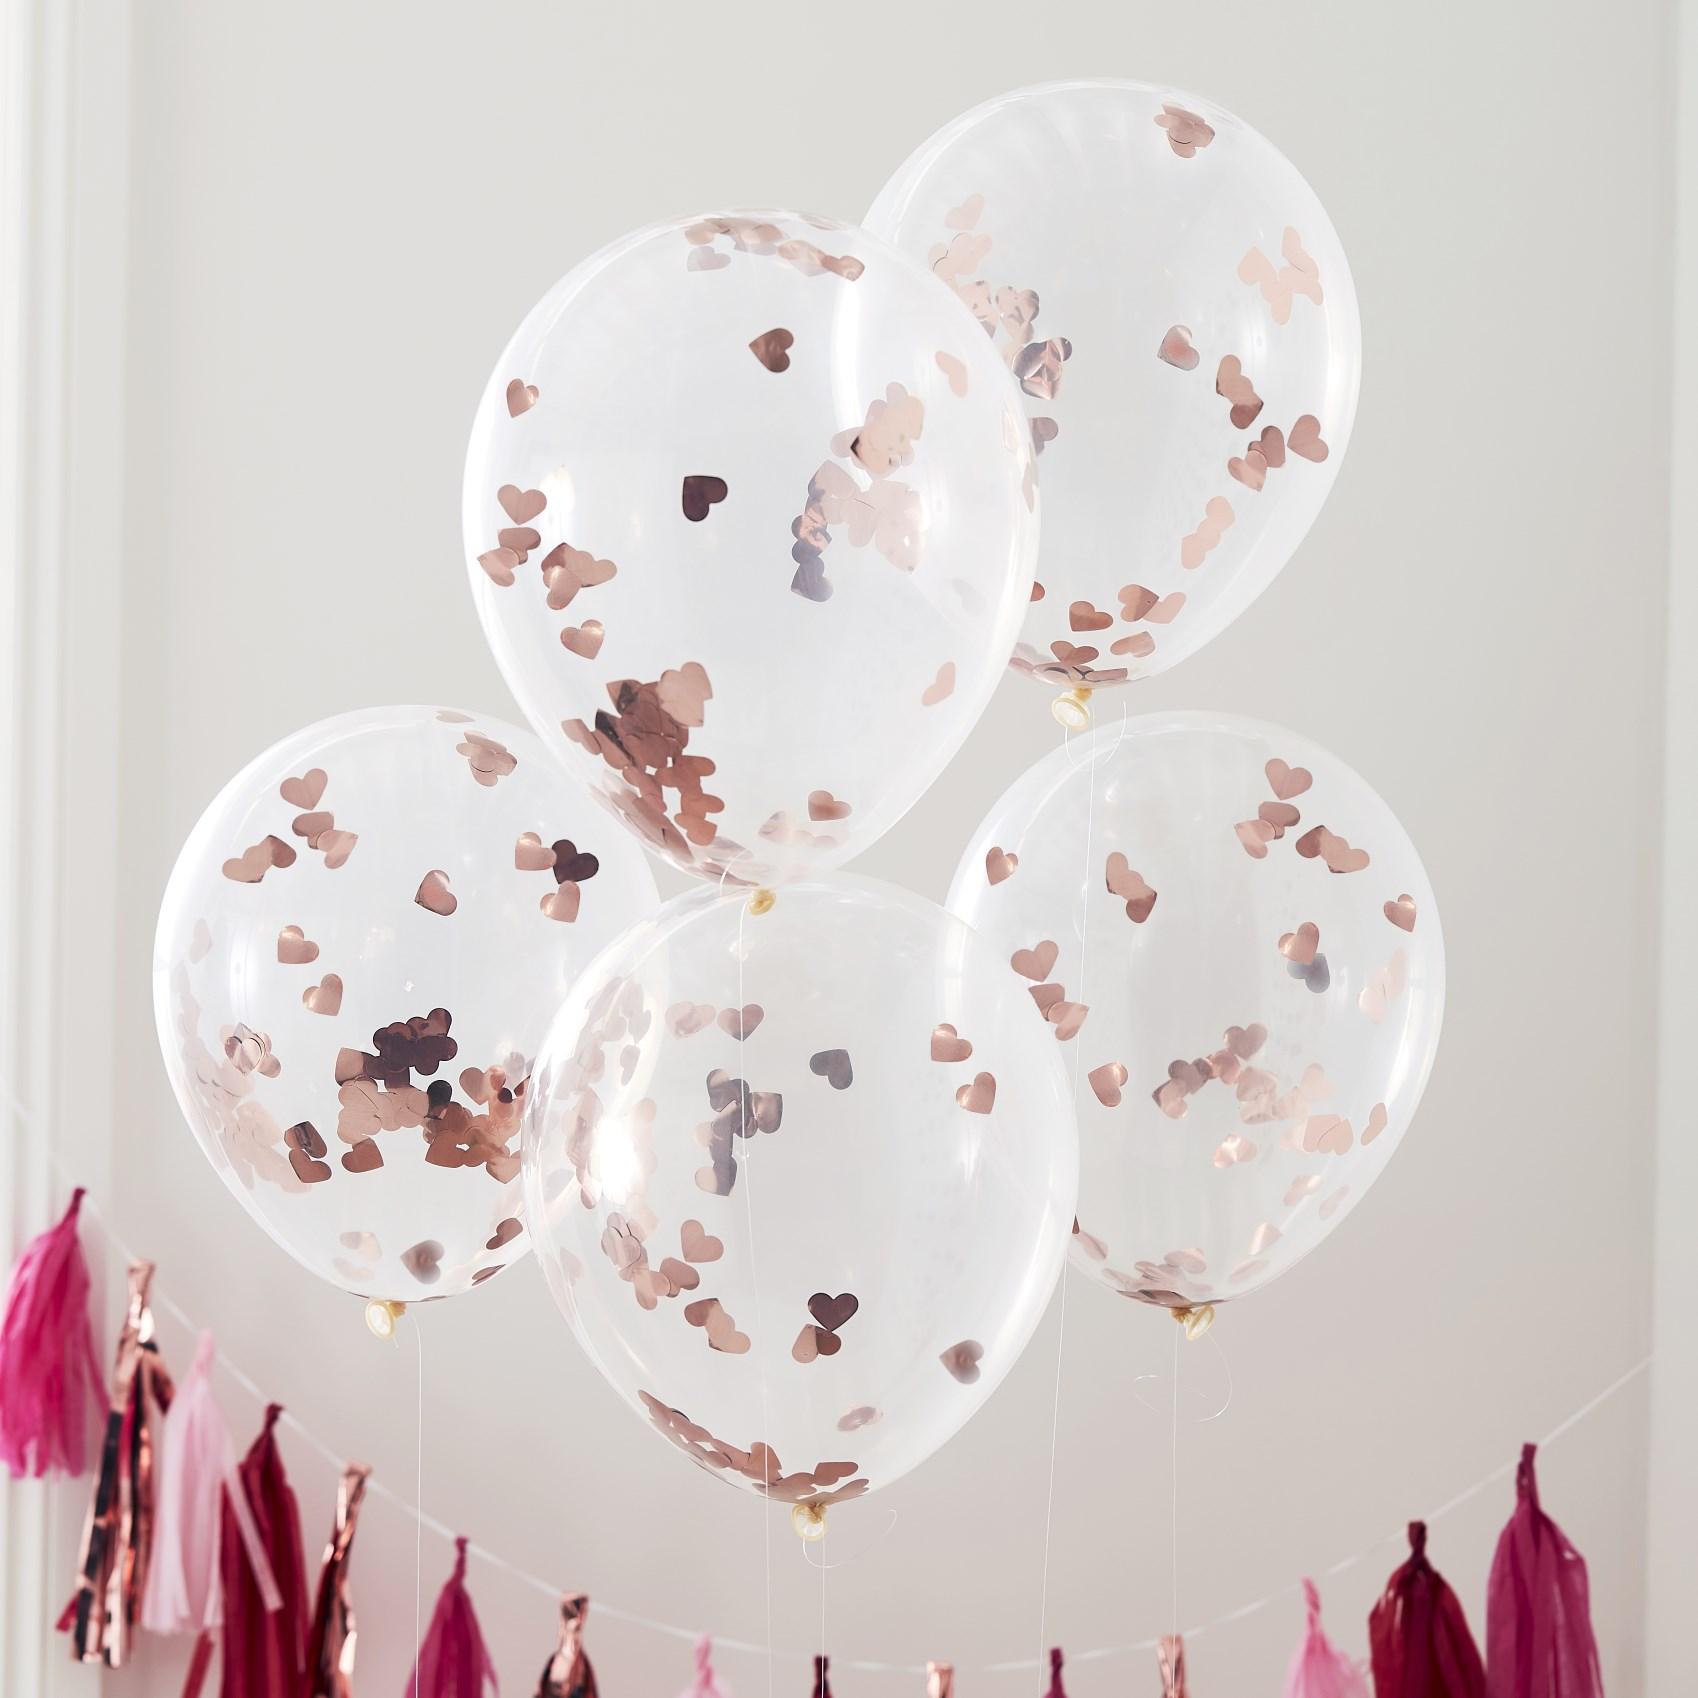 Μπαλόνια Latex με Κονφετί Καρδούλες Ροζ Χρυσό – 5 Τεμάχια